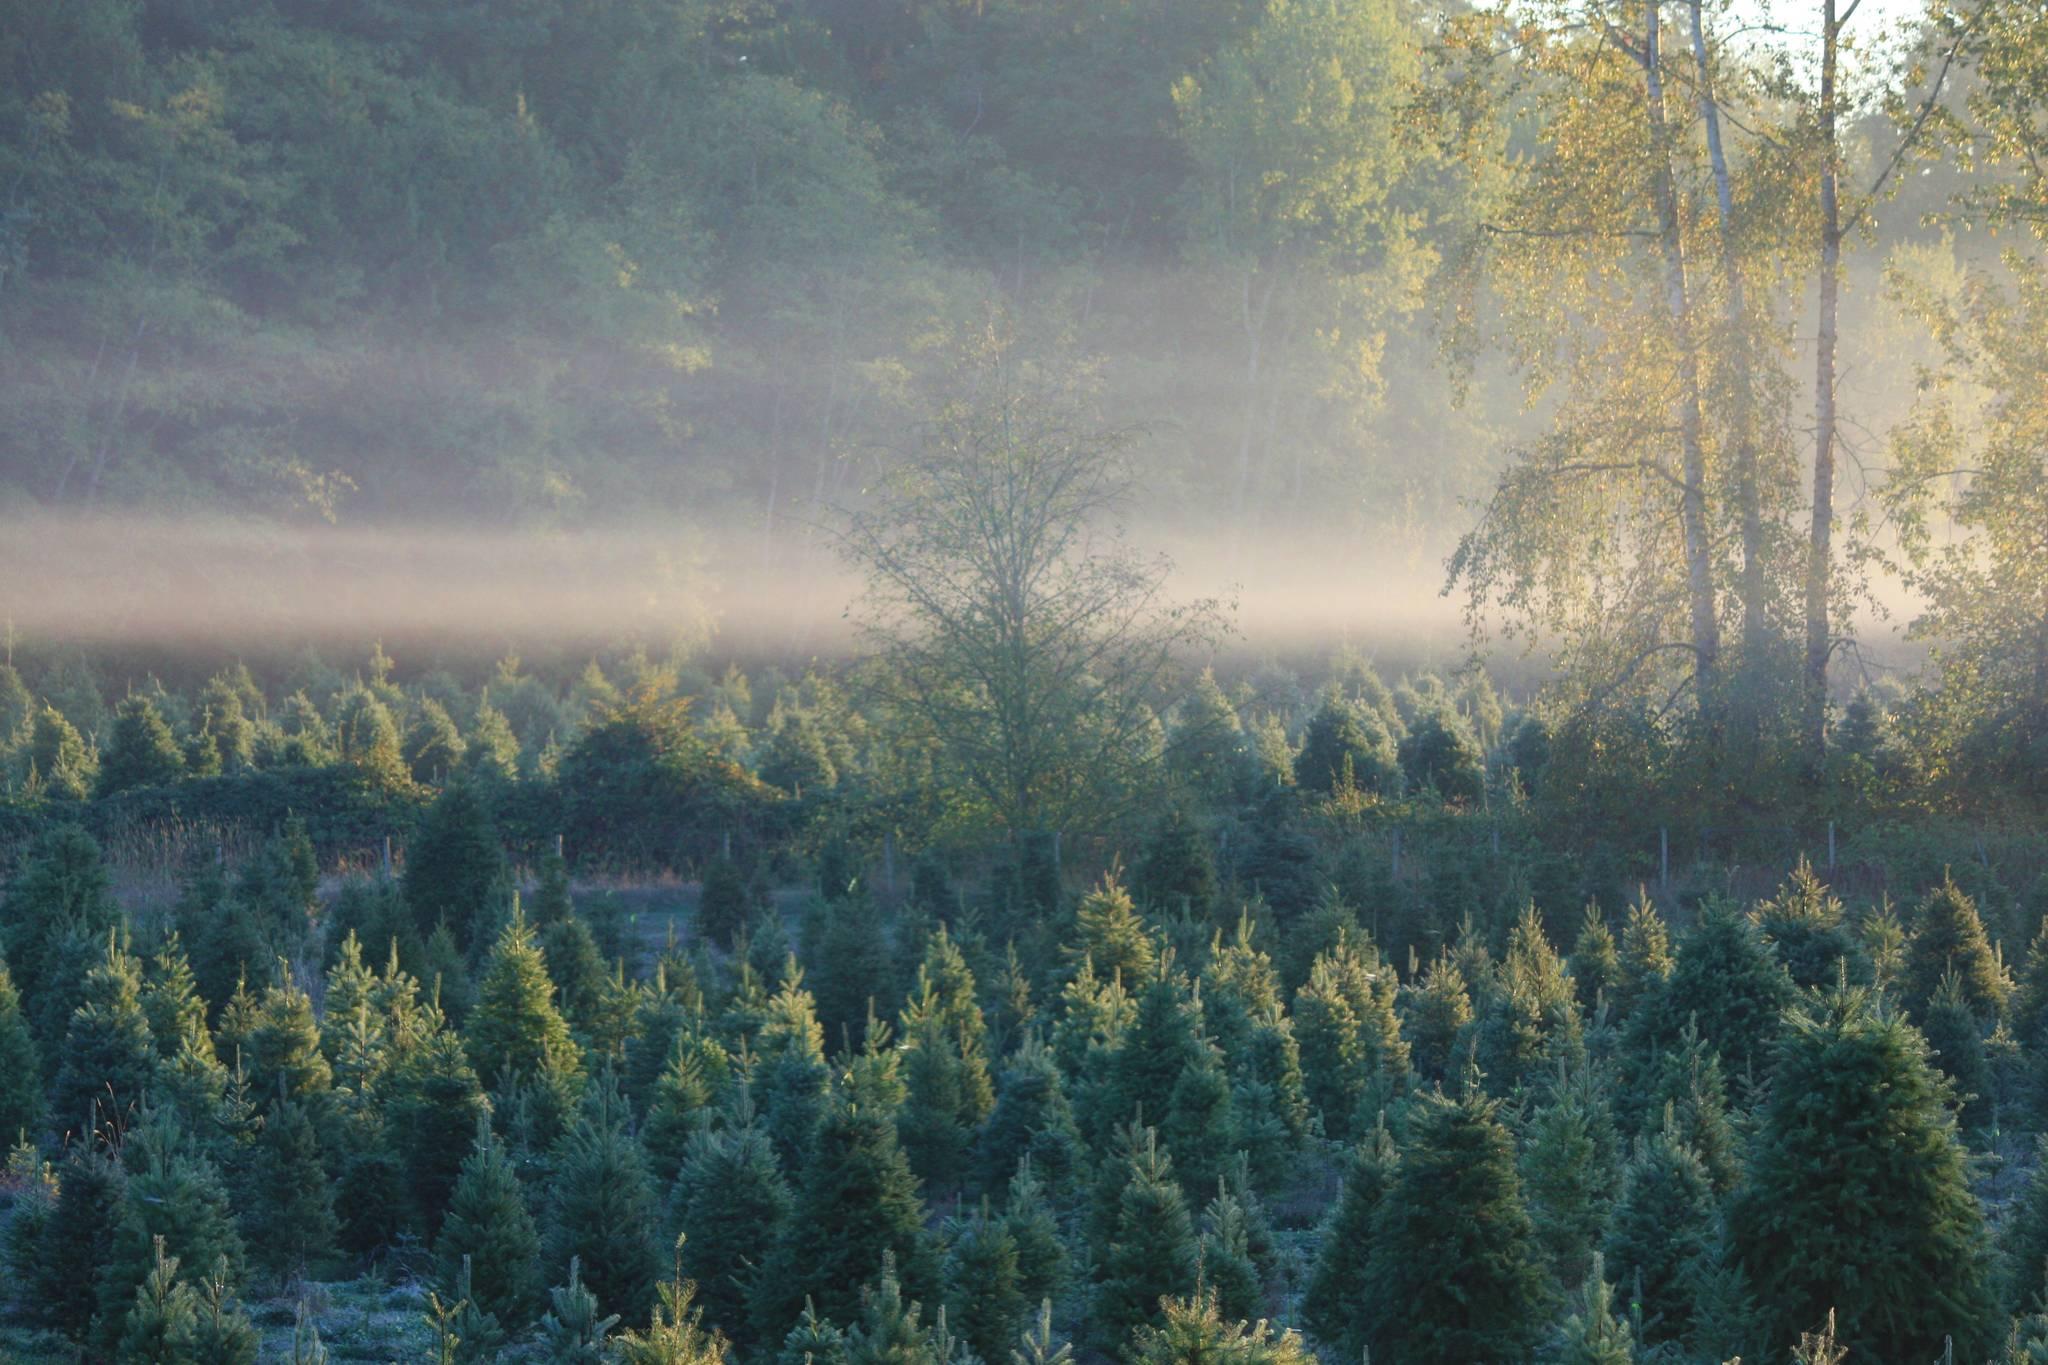 Christmas trees aplenty at Langley family farm